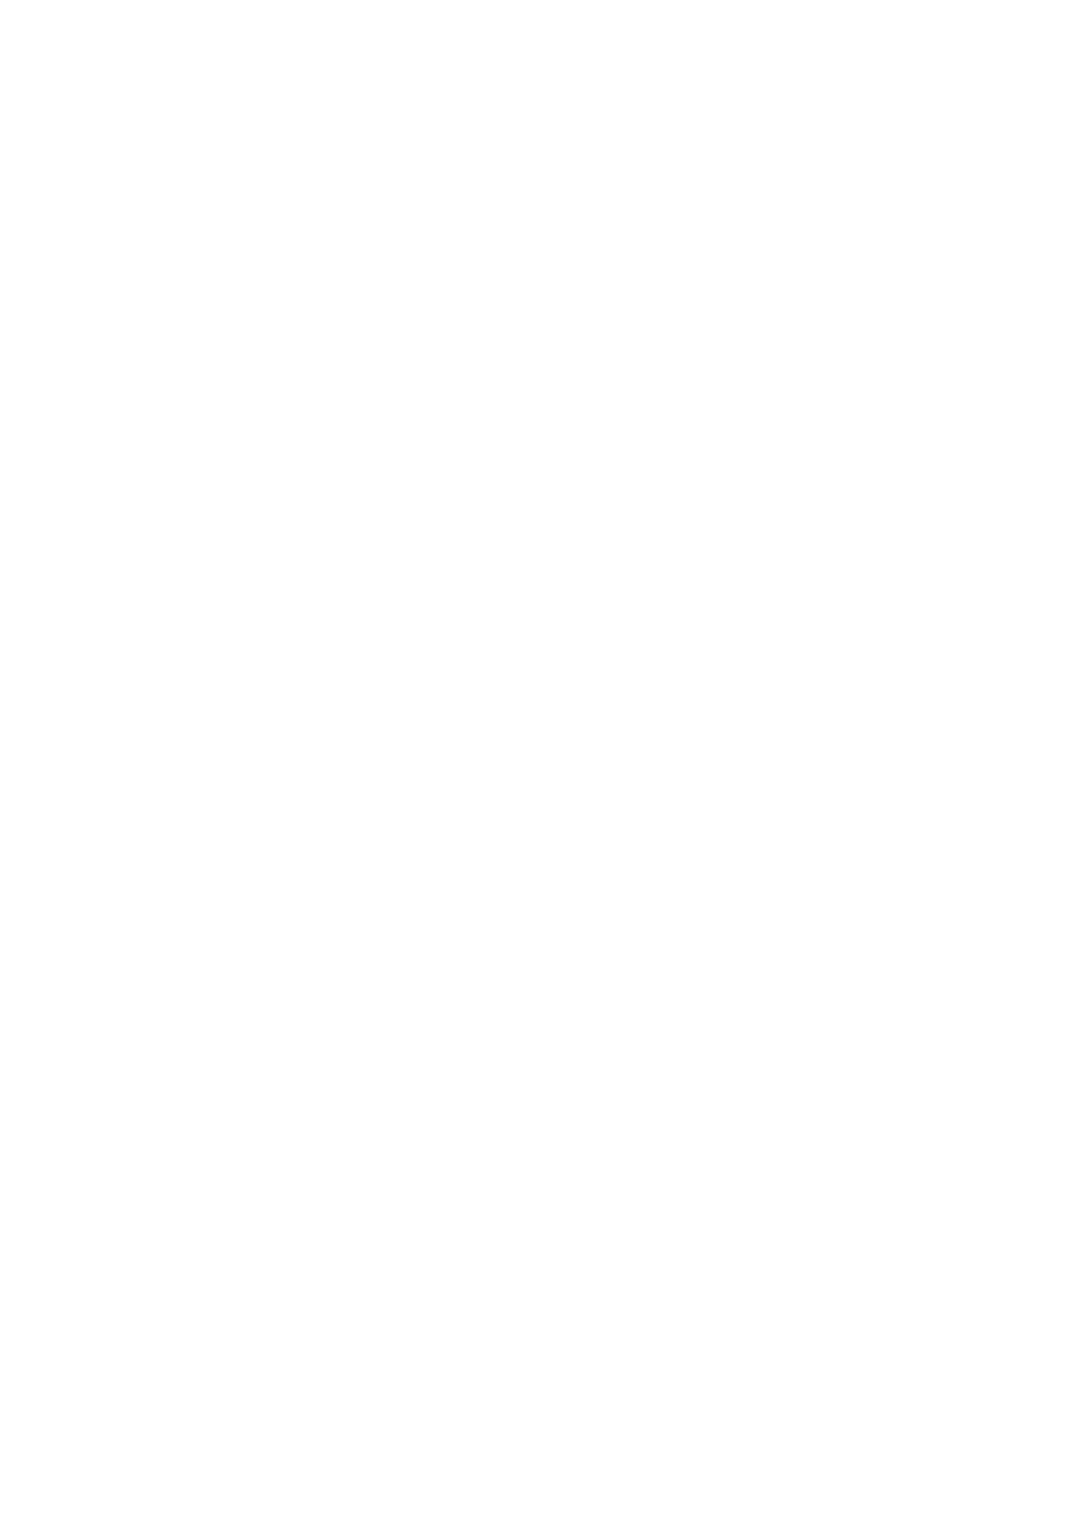 【エロ漫画】セックスレスで困っている人妻…セックスアドバイザーとイチャラブトロ顔セックスして段々とビッチ化しちゃう!【傷希レイ:夫公認セックスアドバイザーにハマった結果。前編】